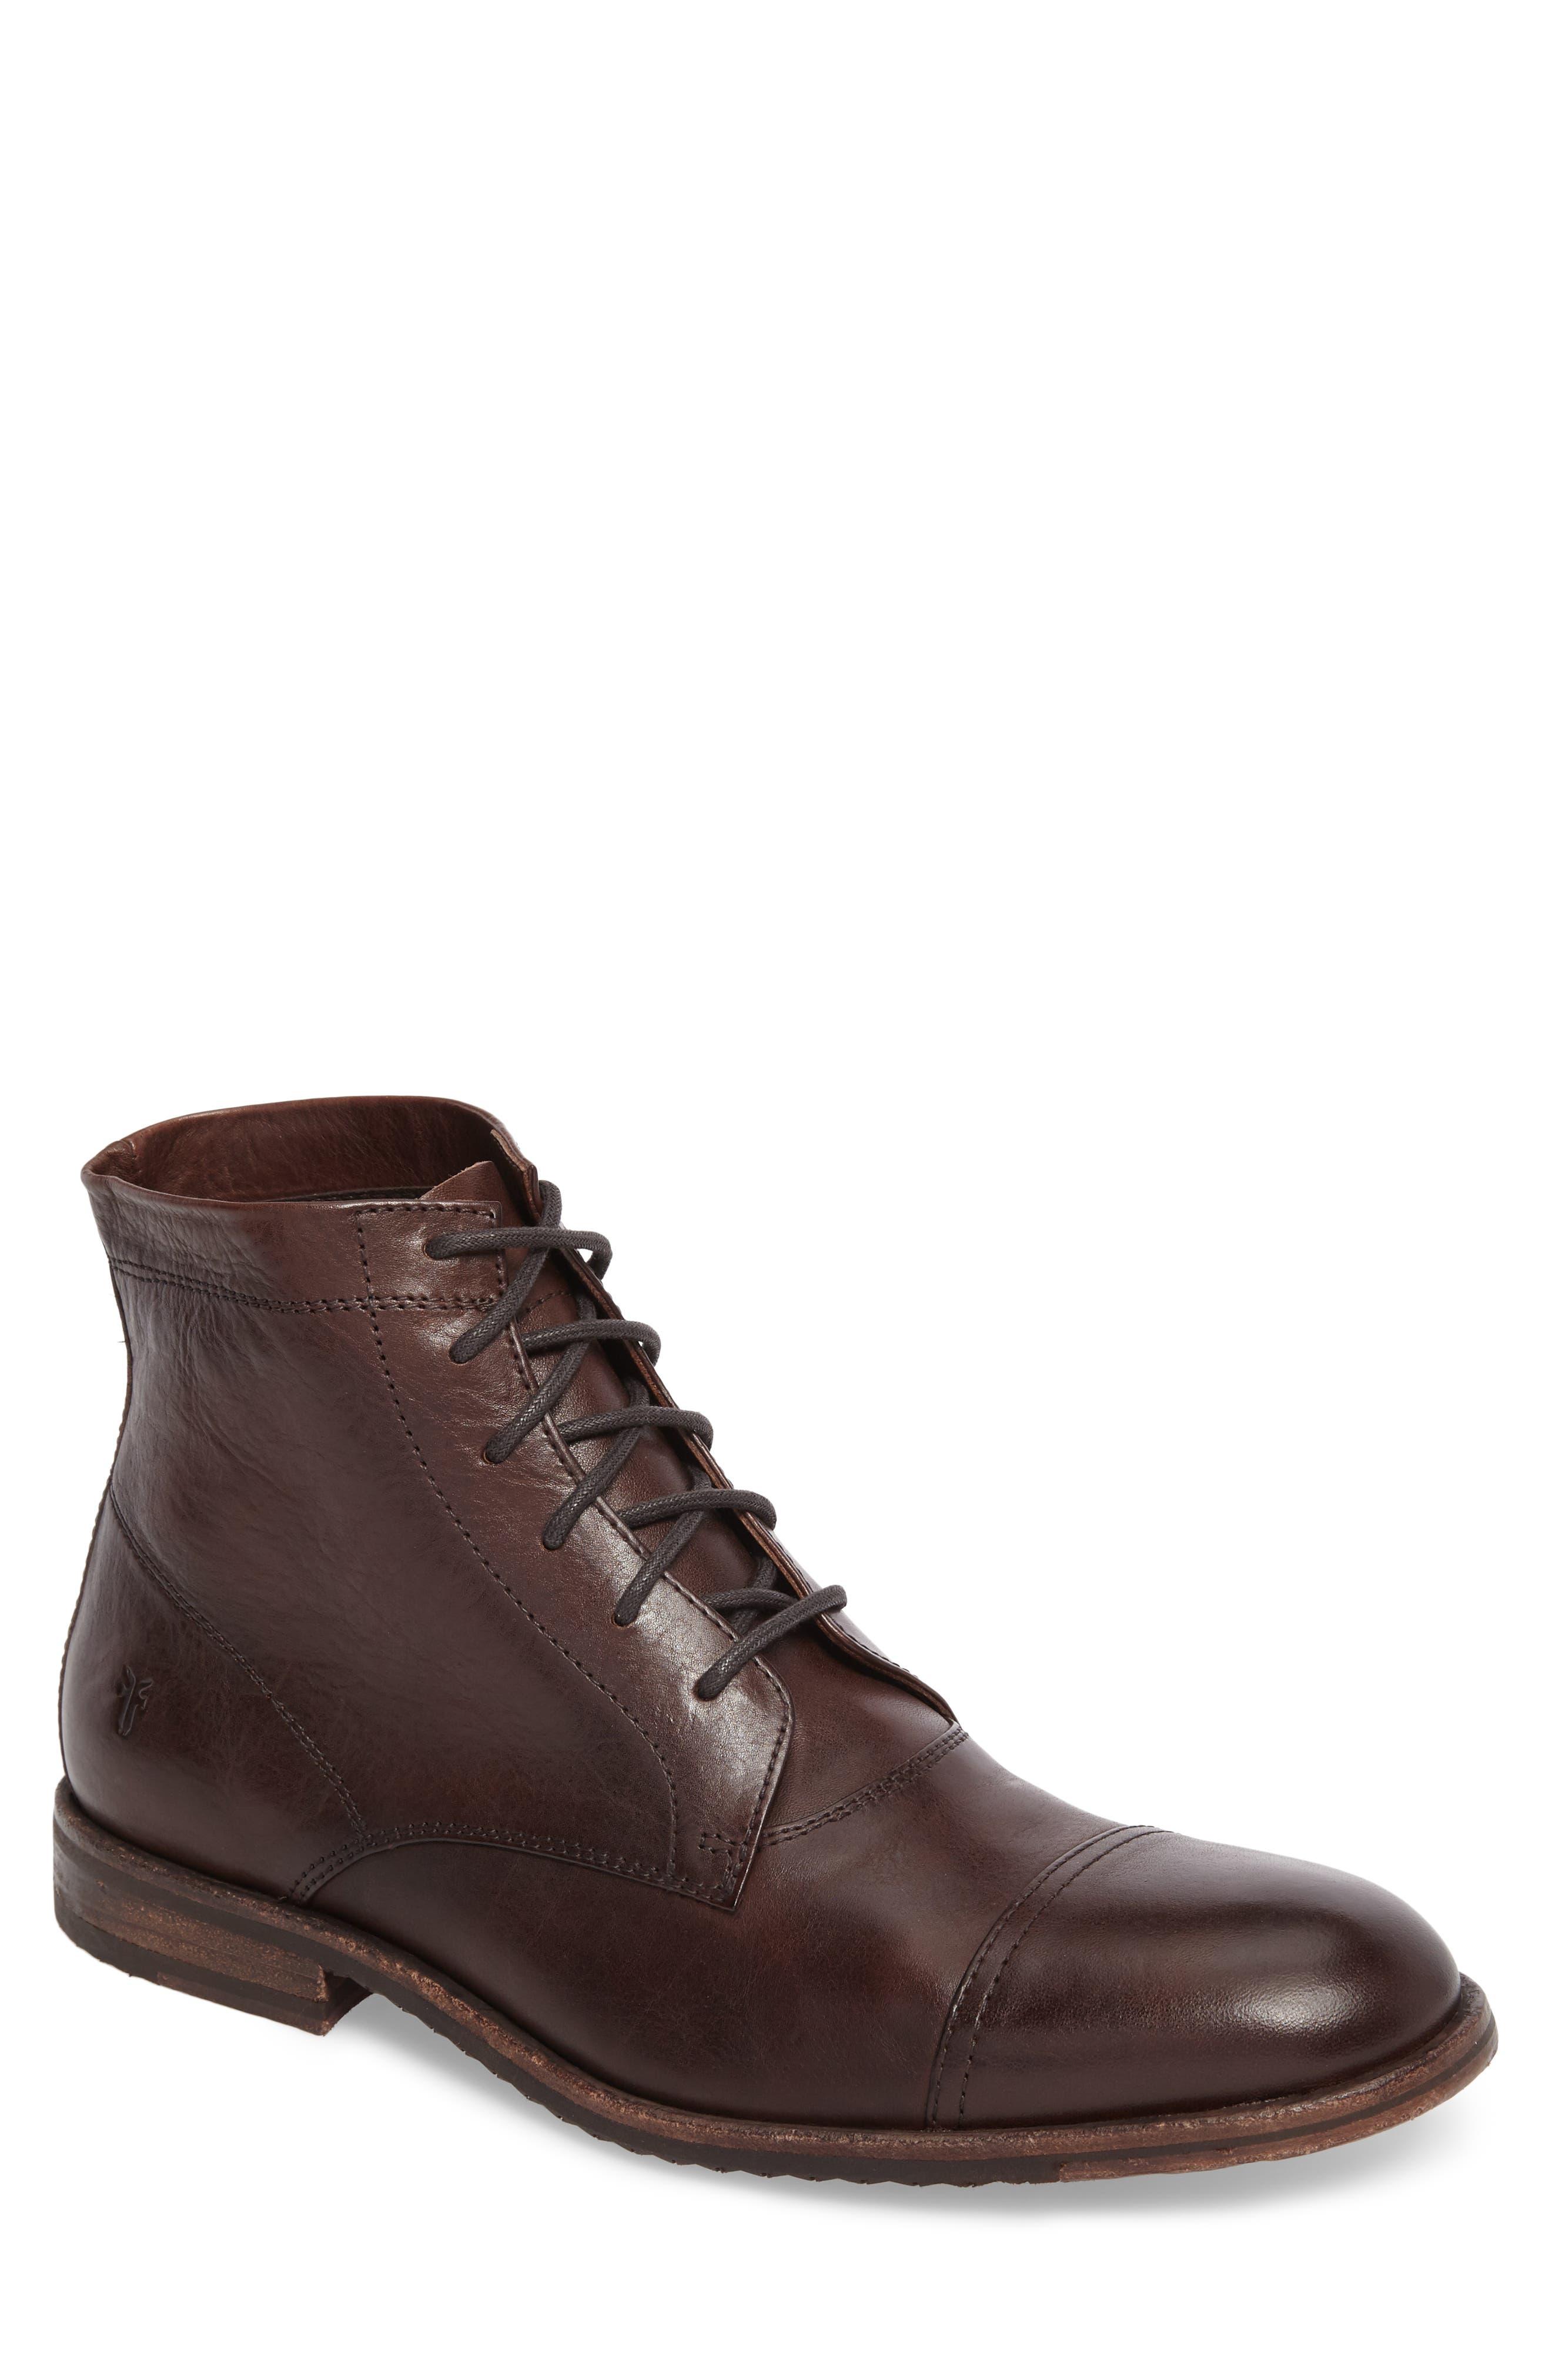 Alternate Image 1 Selected - Frye Sam Cap Toe Boot (Men)